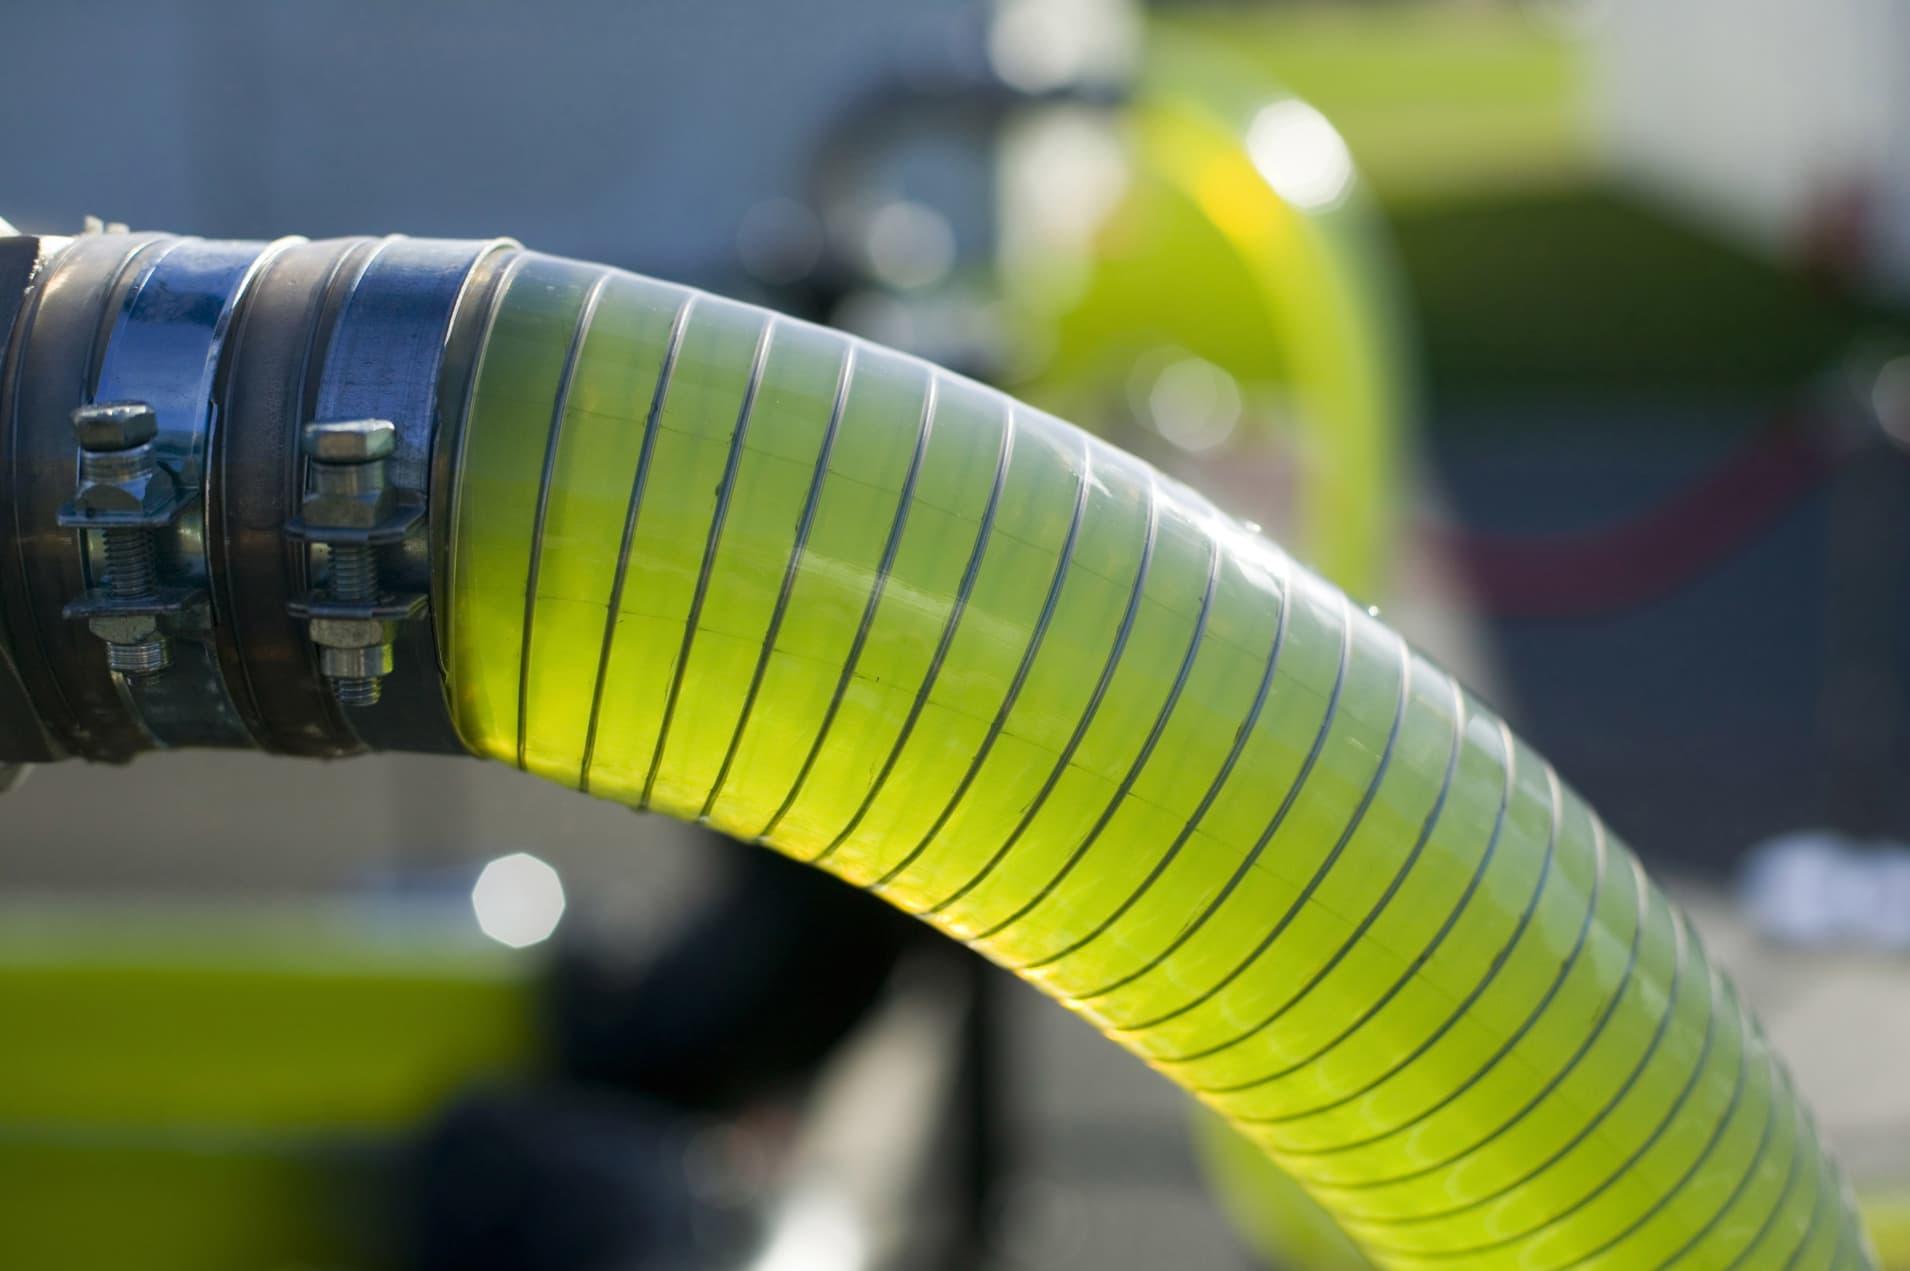 GP: AlgaeLink Algae growing system